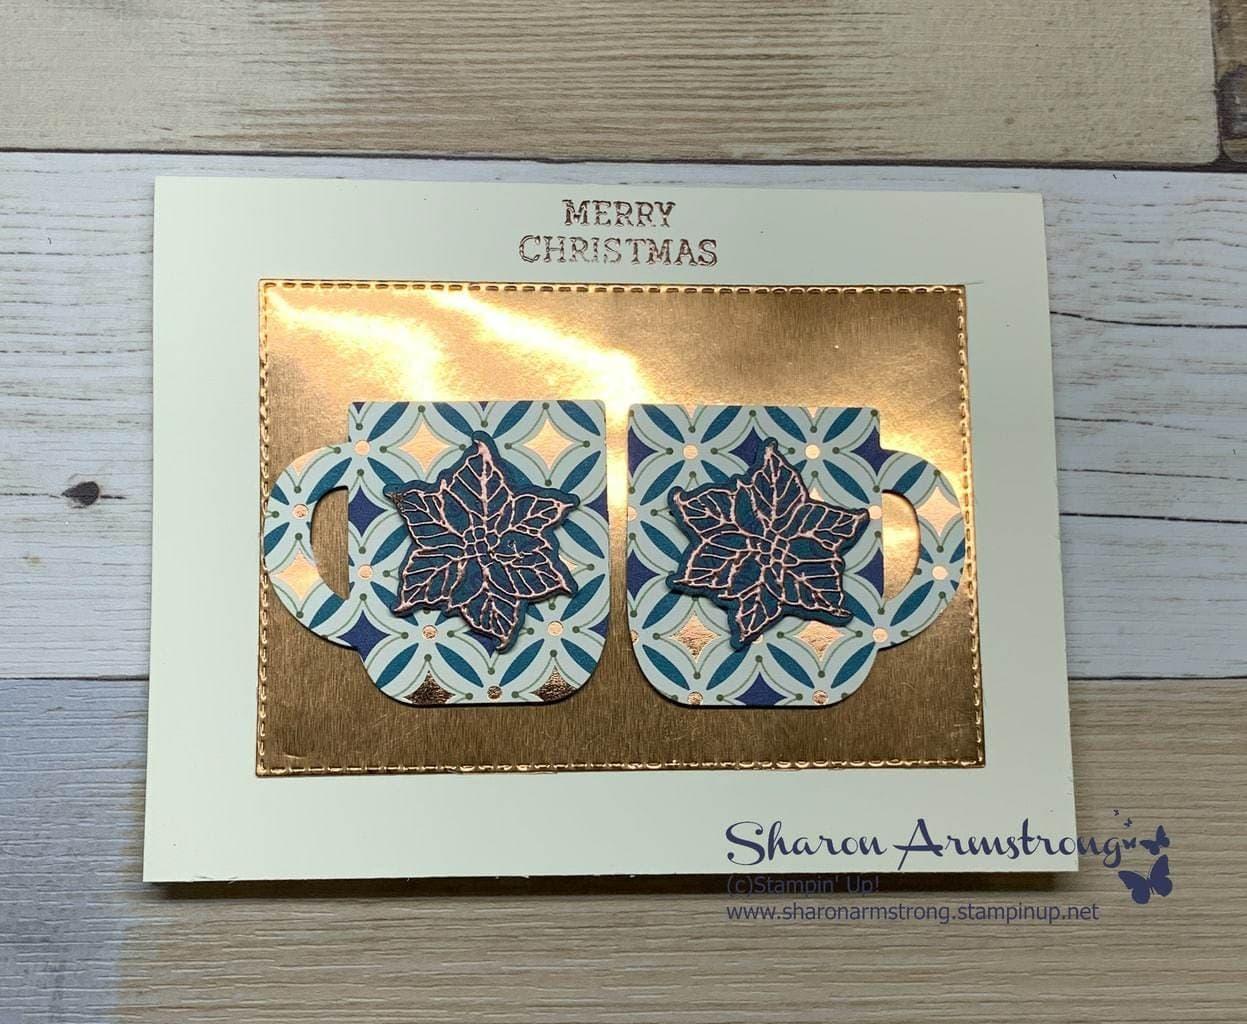 2 Christmas Cards You Can Make + Matching Gift Bag